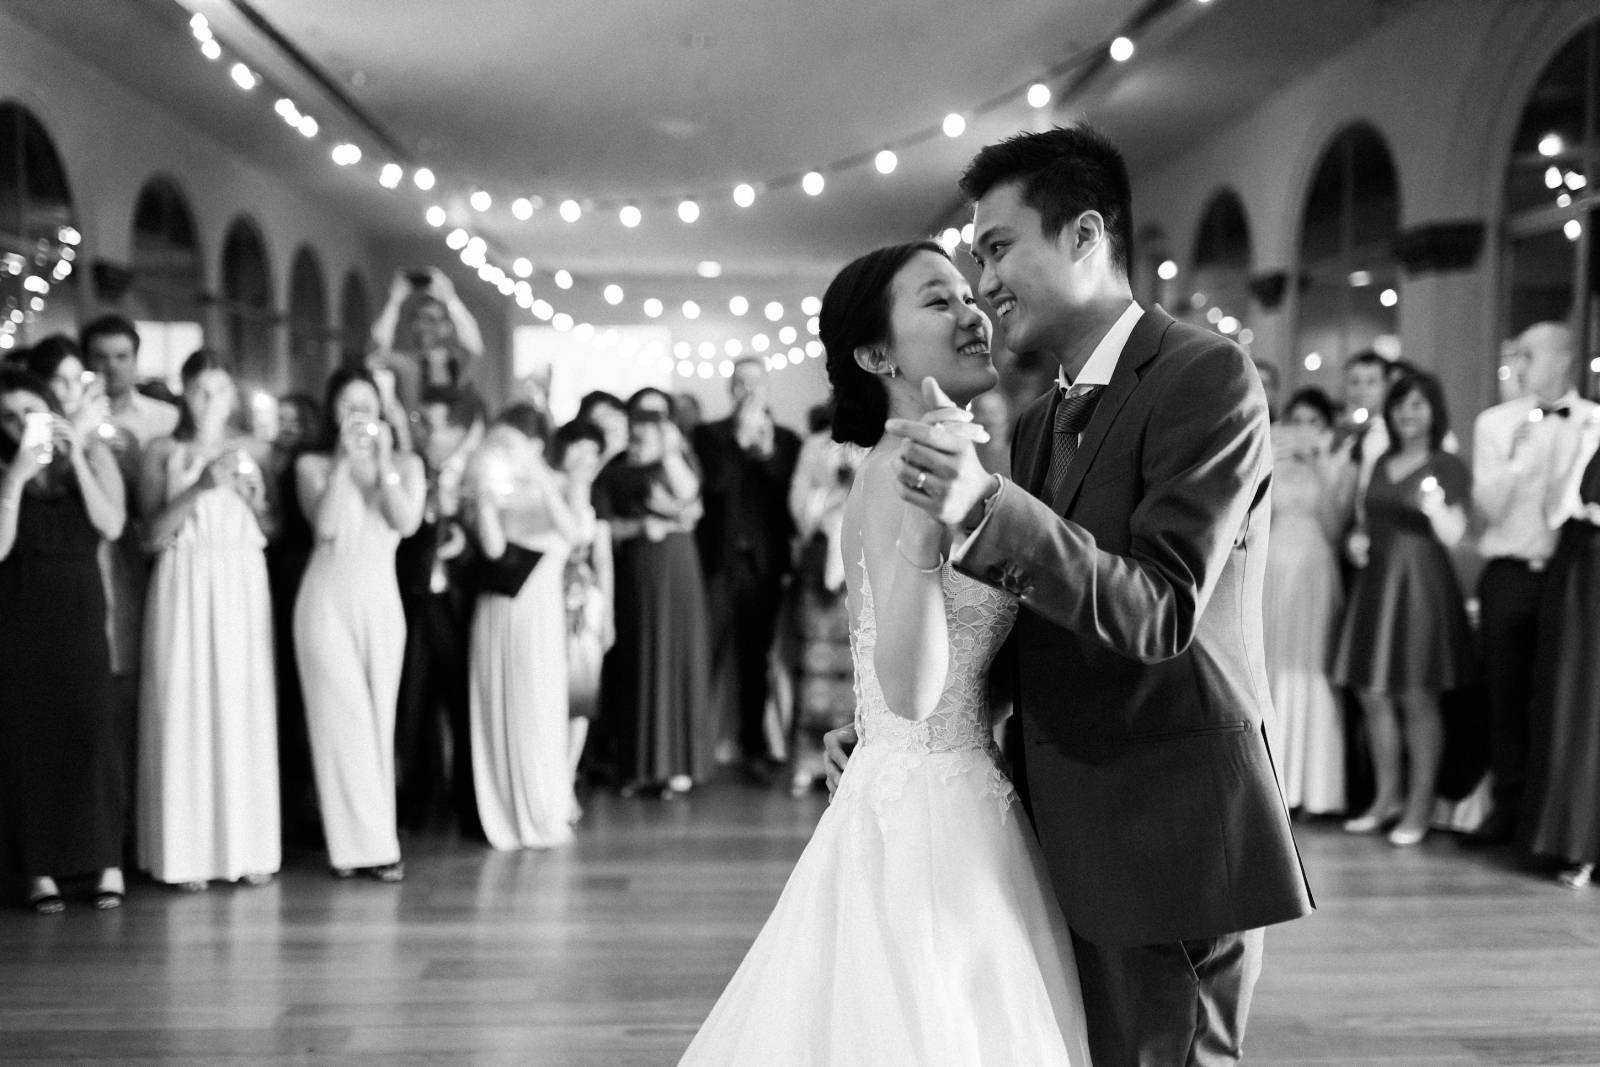 Elisabeth Van Lent - Huwelijksfotograaf - Fine Art - House of Weddings - 1